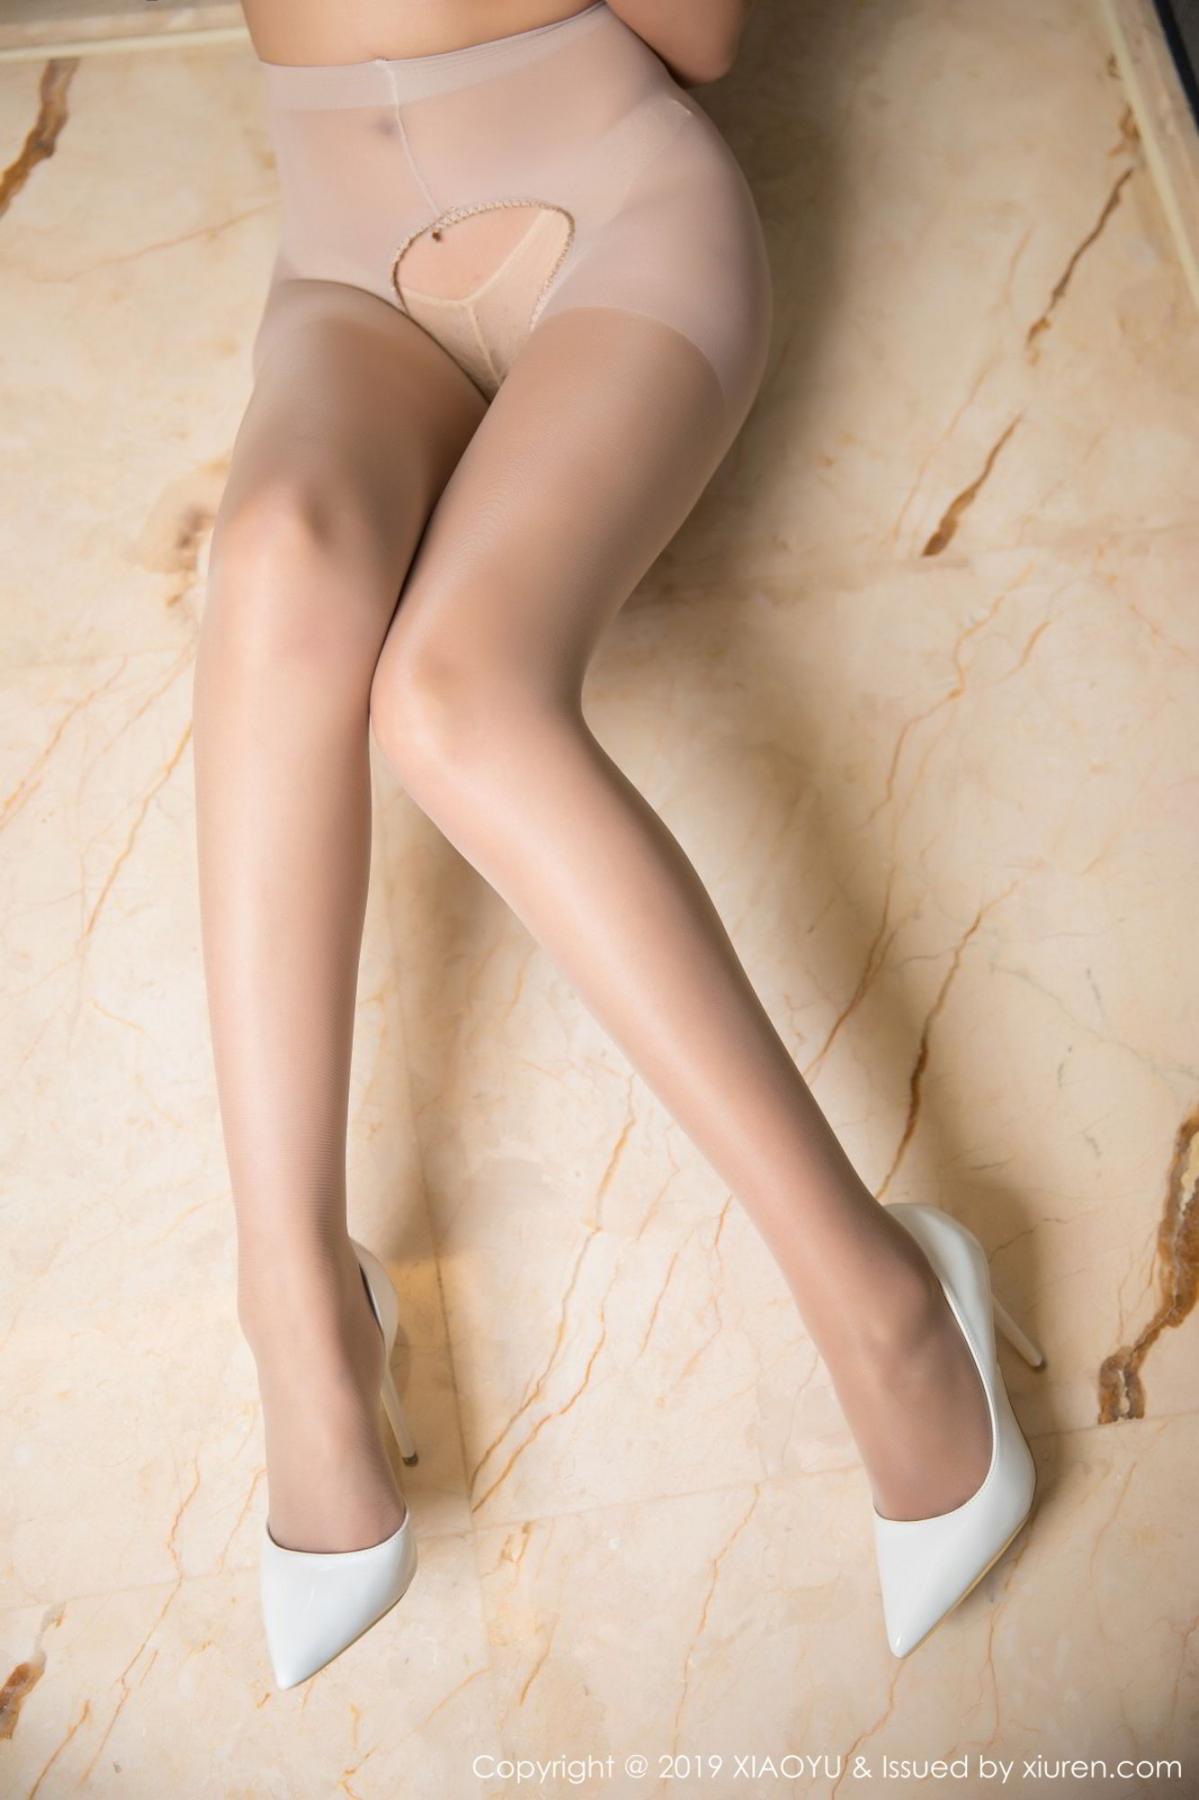 [XiaoYu] Vol.112 Solo Yi Fei 19P, Solo Yi Fei, Underwear, XiaoYu